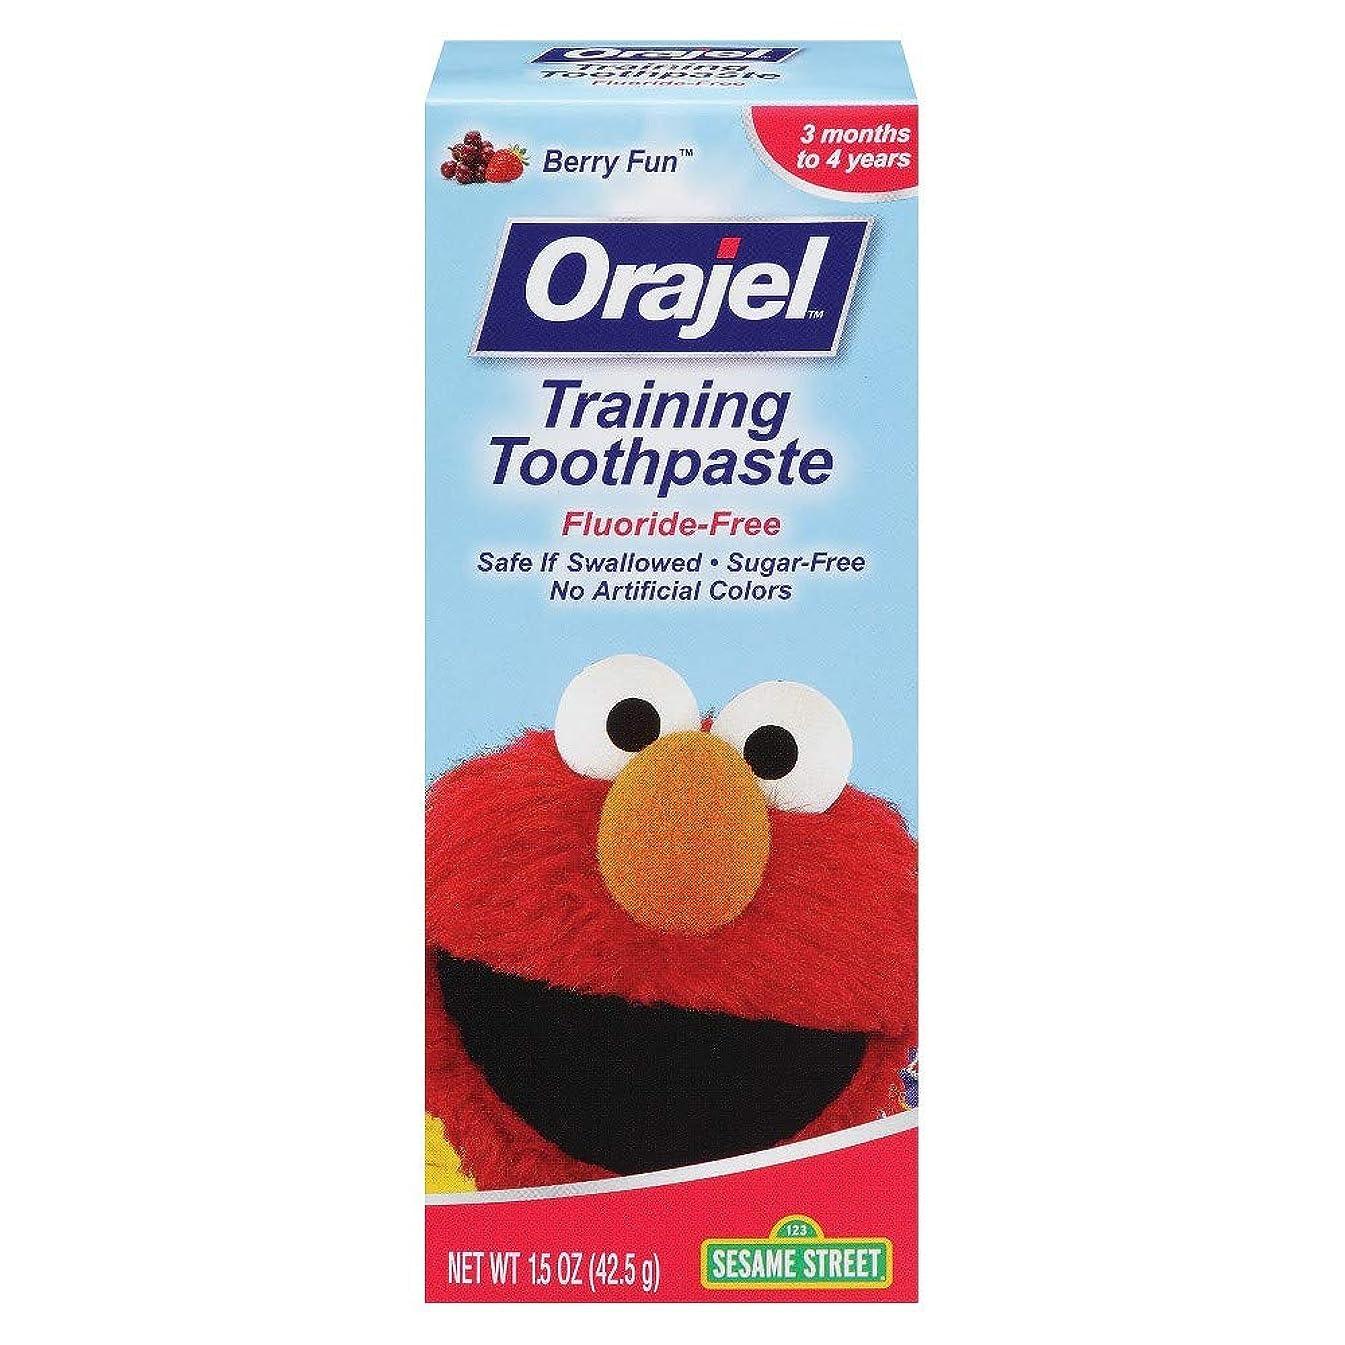 わがままバウンドオデュッセウス【2個セット】(海外直送)お子様用 セサミストリート トレーニング用 歯磨き粉 Orajel Toddler Training Toothpaste 1.5 Oz(42.5g)x2個セット